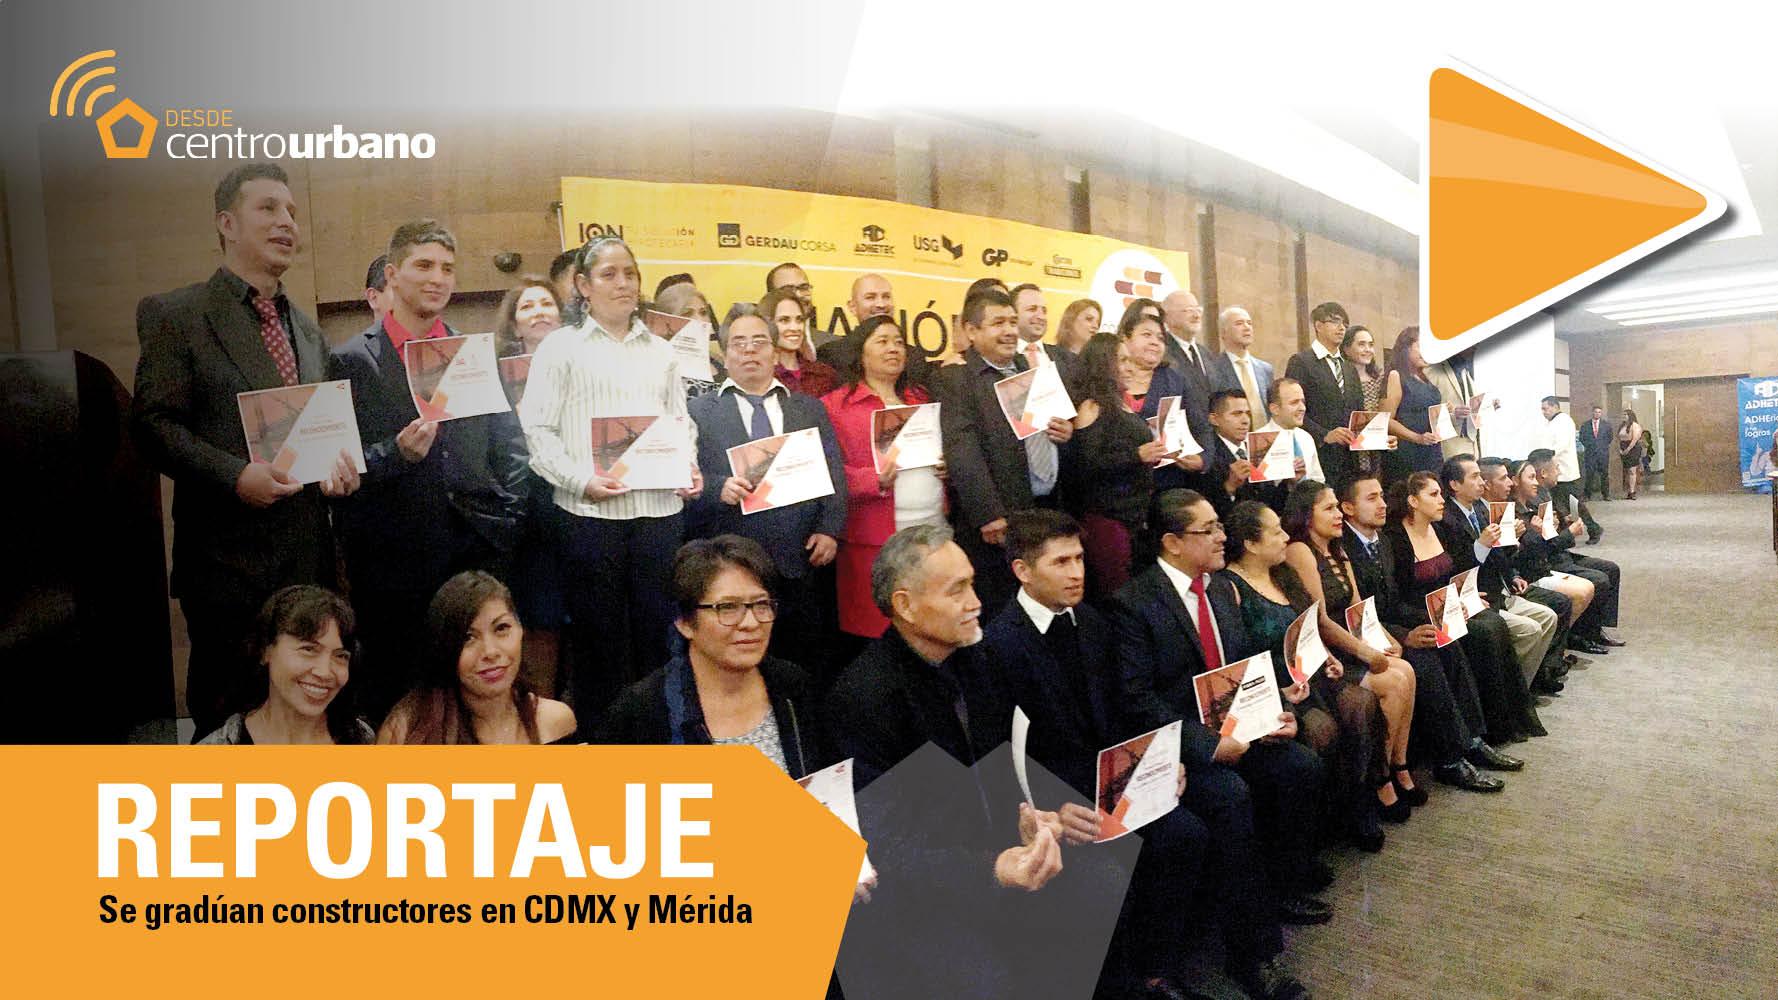 ▶️Video | Se gradúan constructores en CDMX y Mérida